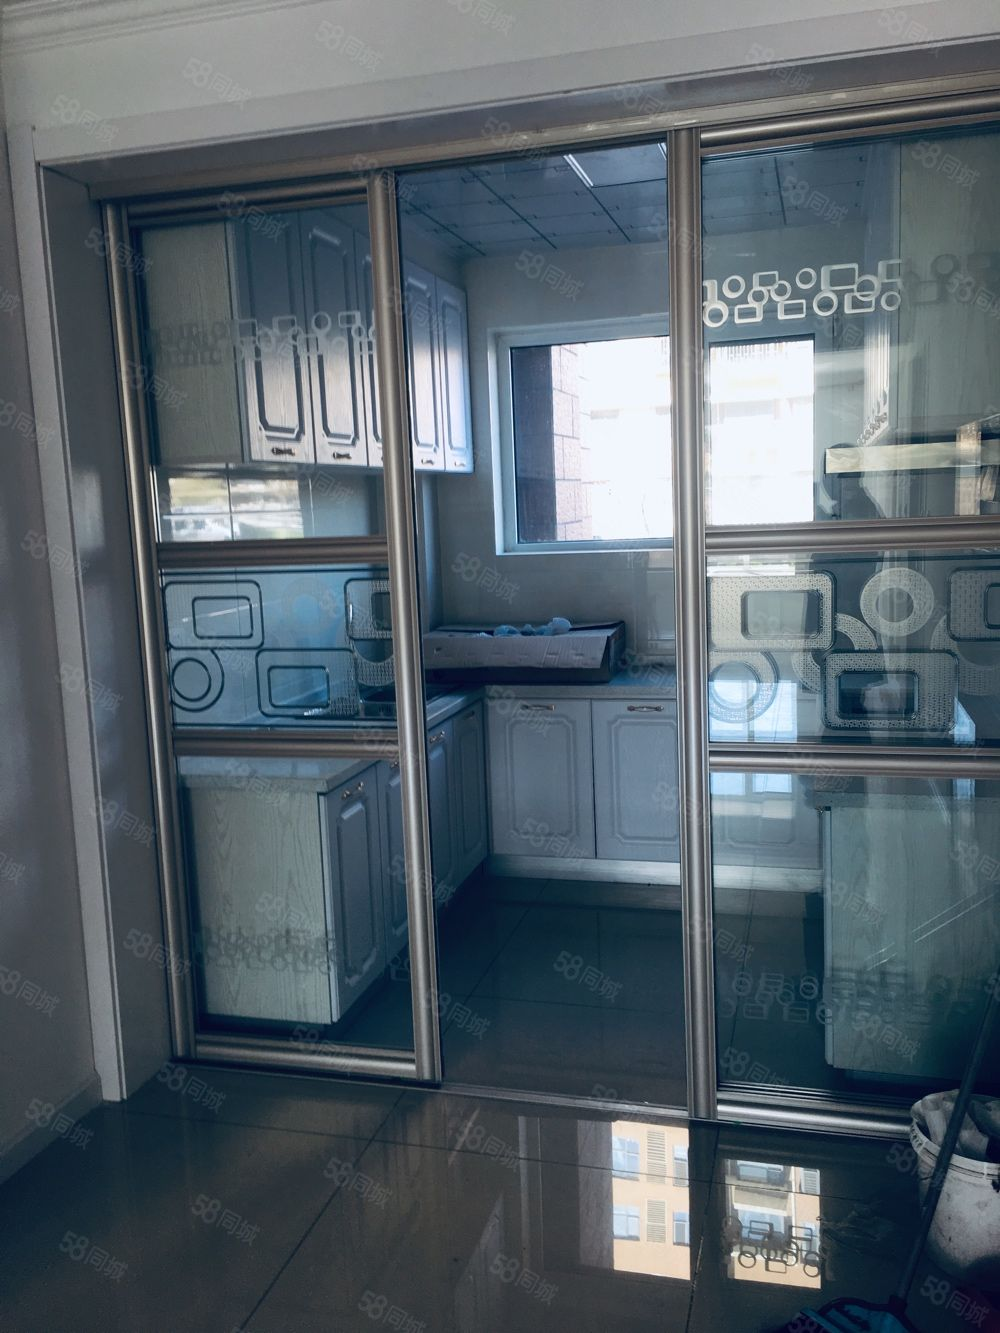 卢龙石门金丰家园现房低首付小区中心位置配套齐全学区房